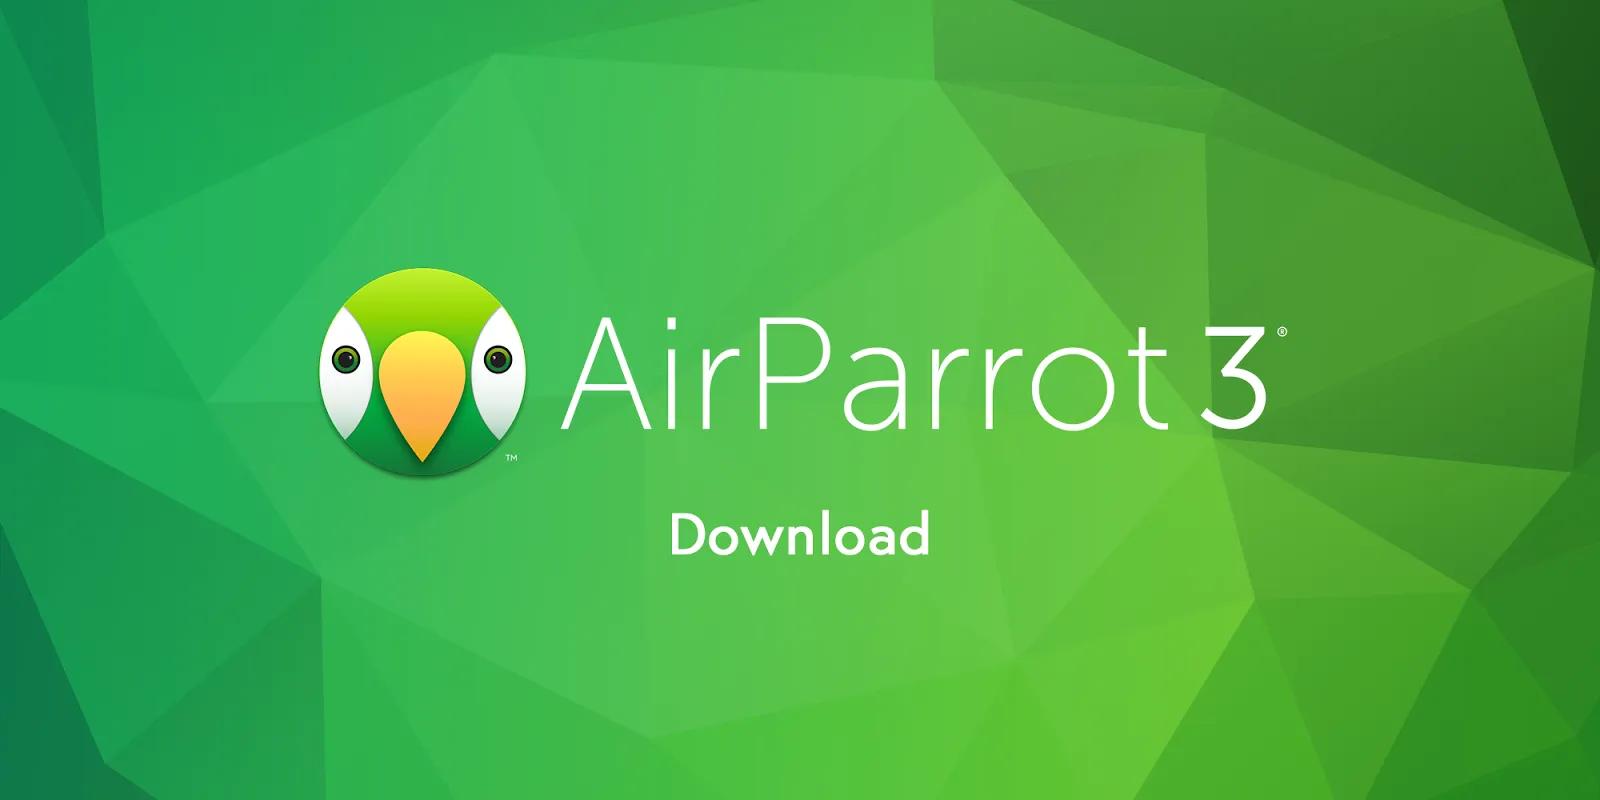 تحميل برنامج Squirrels AirParrot 3 لتوصيل سطح المكتب بجهاز Apple TV